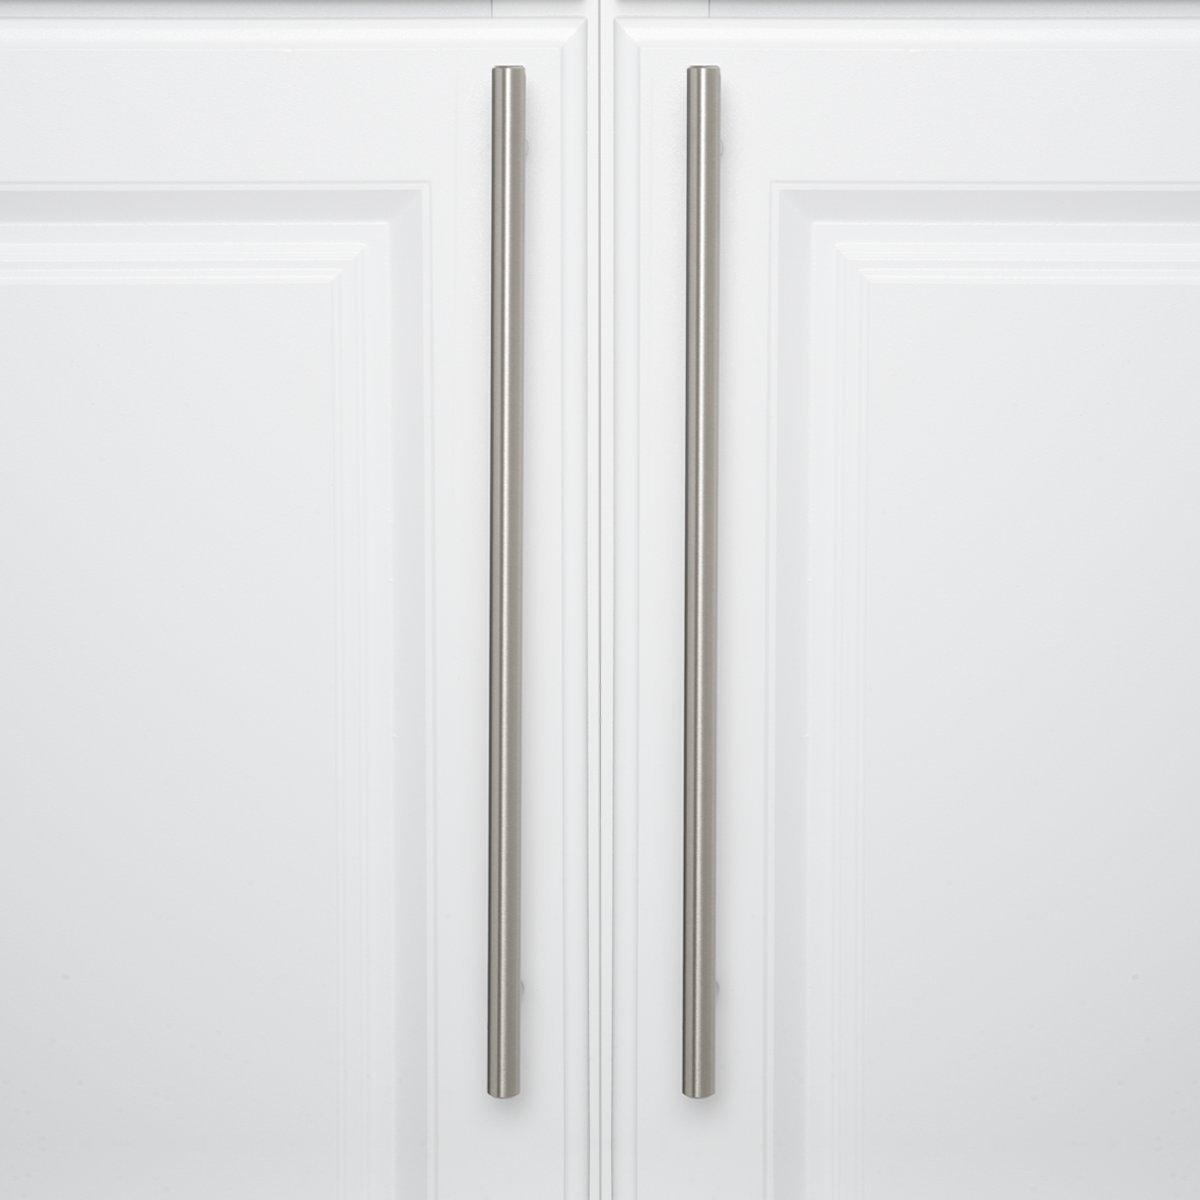 15,57 cm de longitud tipo europeo centro del orificio de 9,52 cm Satin Nickel N/íquel satinado Basics AB1502-SN-10 Tirador de armario en forma de barra